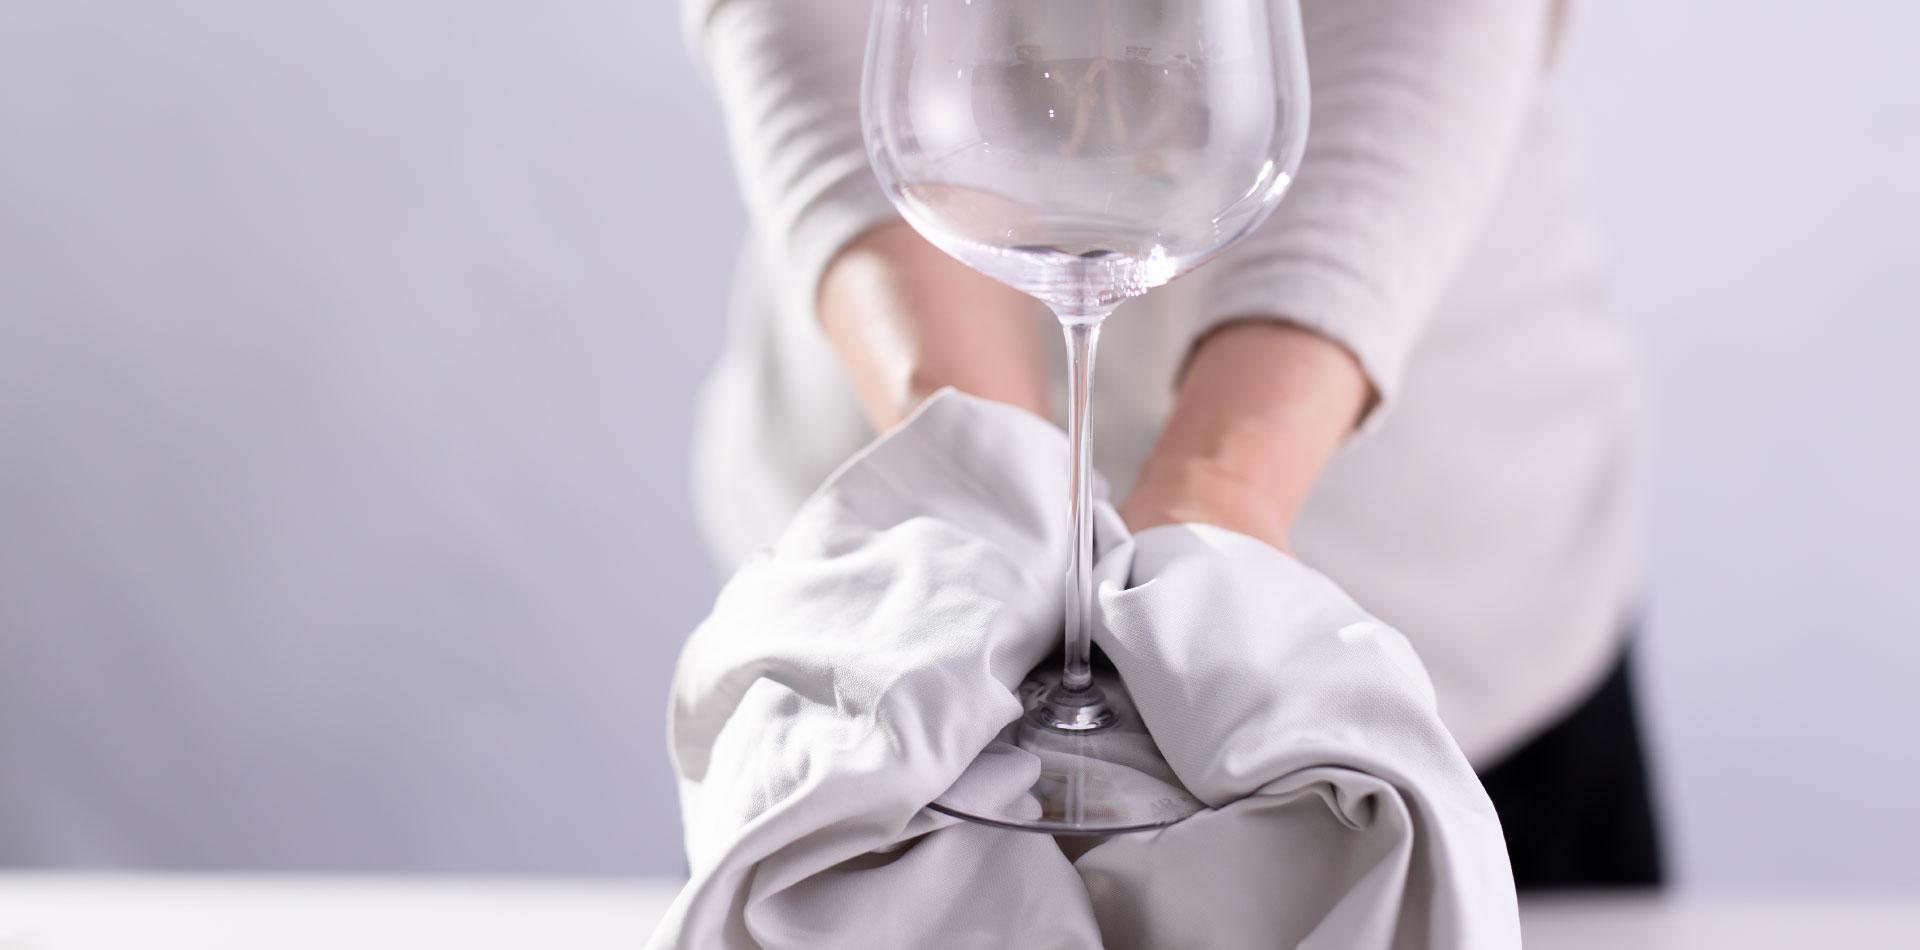 グラスの拭き方(磨き方)